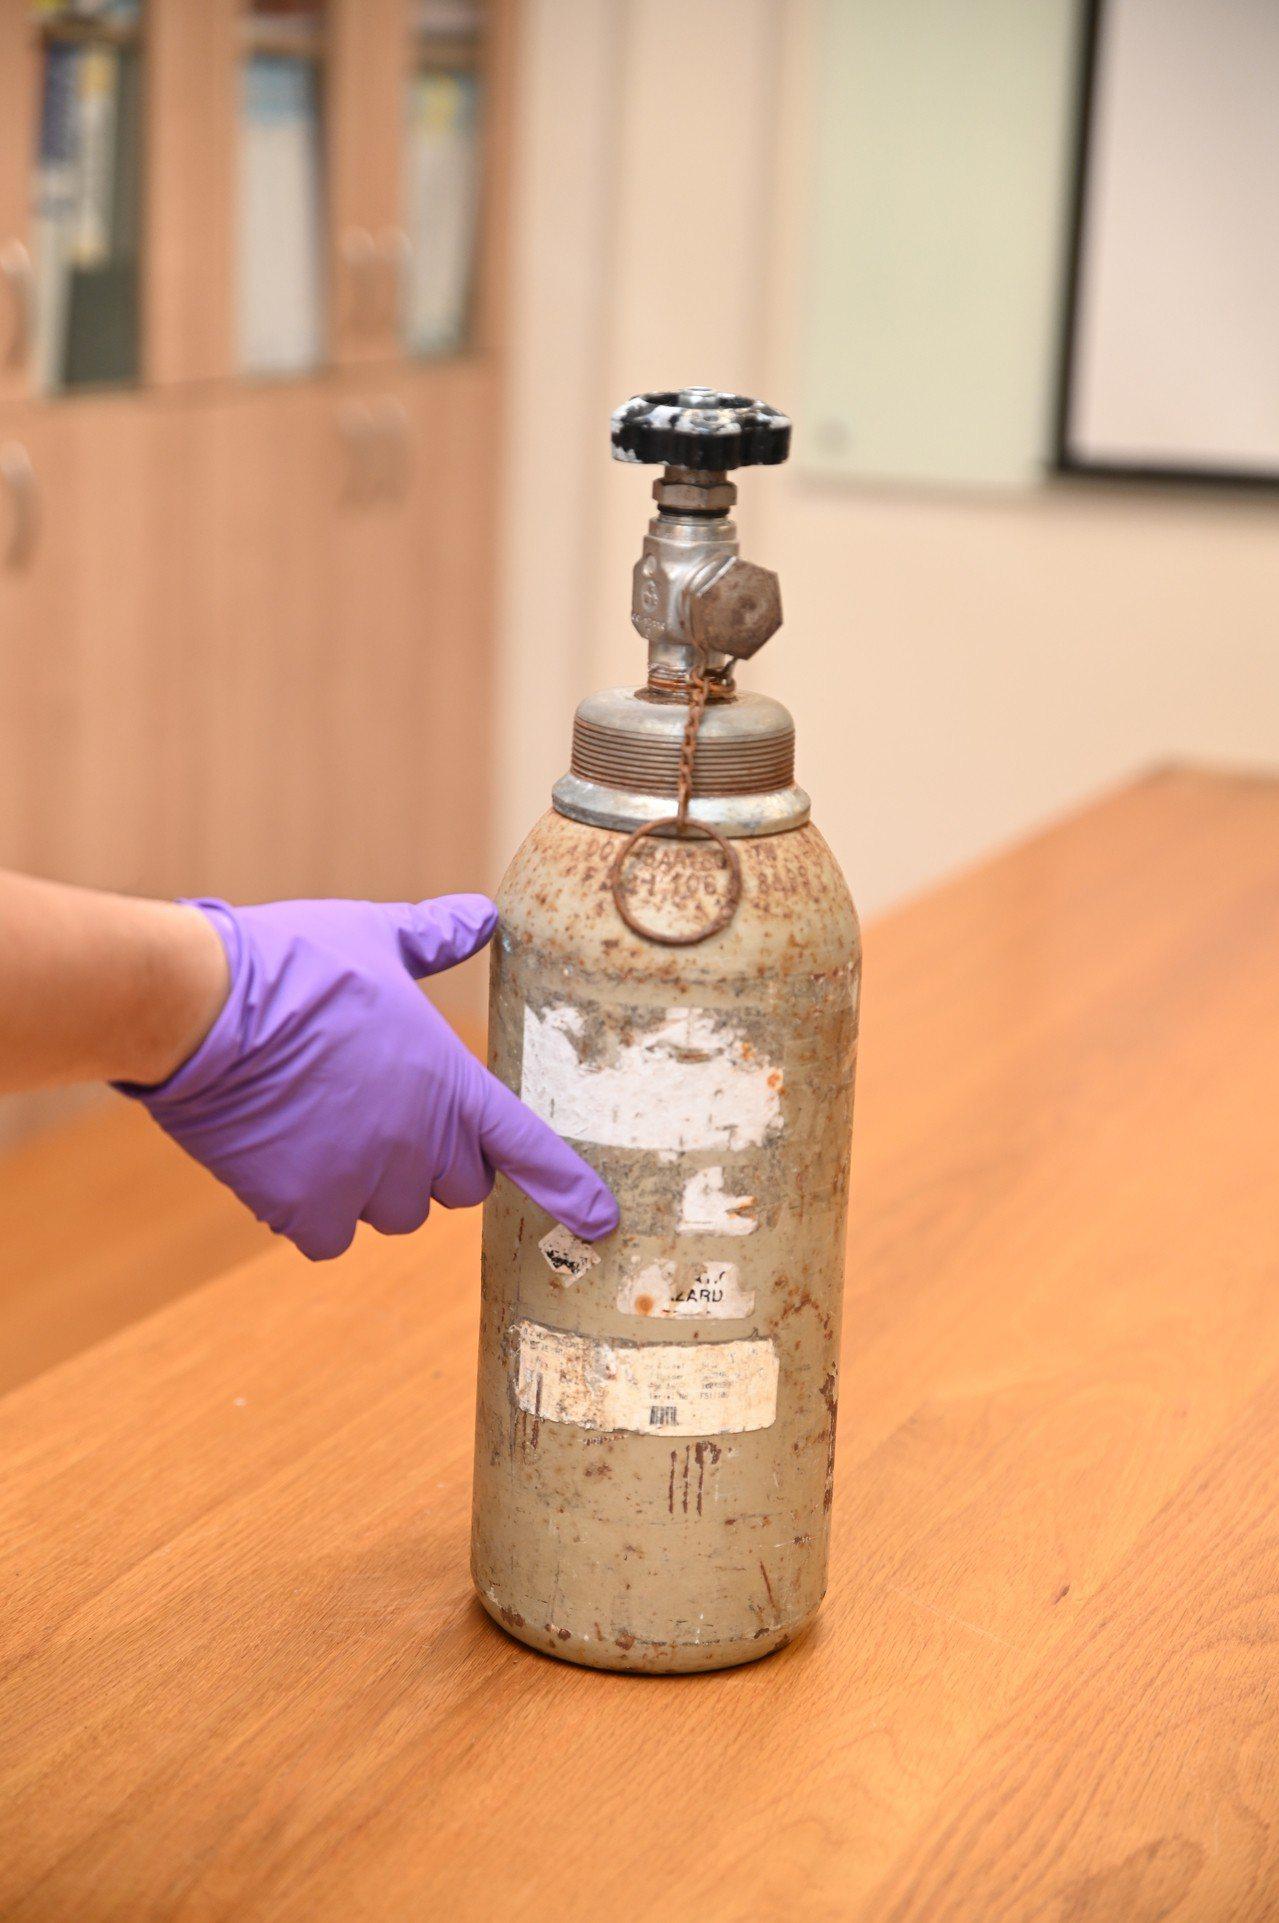 部分老舊氣體鋼瓶瓶身布滿紅色鐵鏽、標示磨損不清,閥門也無法打開。圖/清大提供